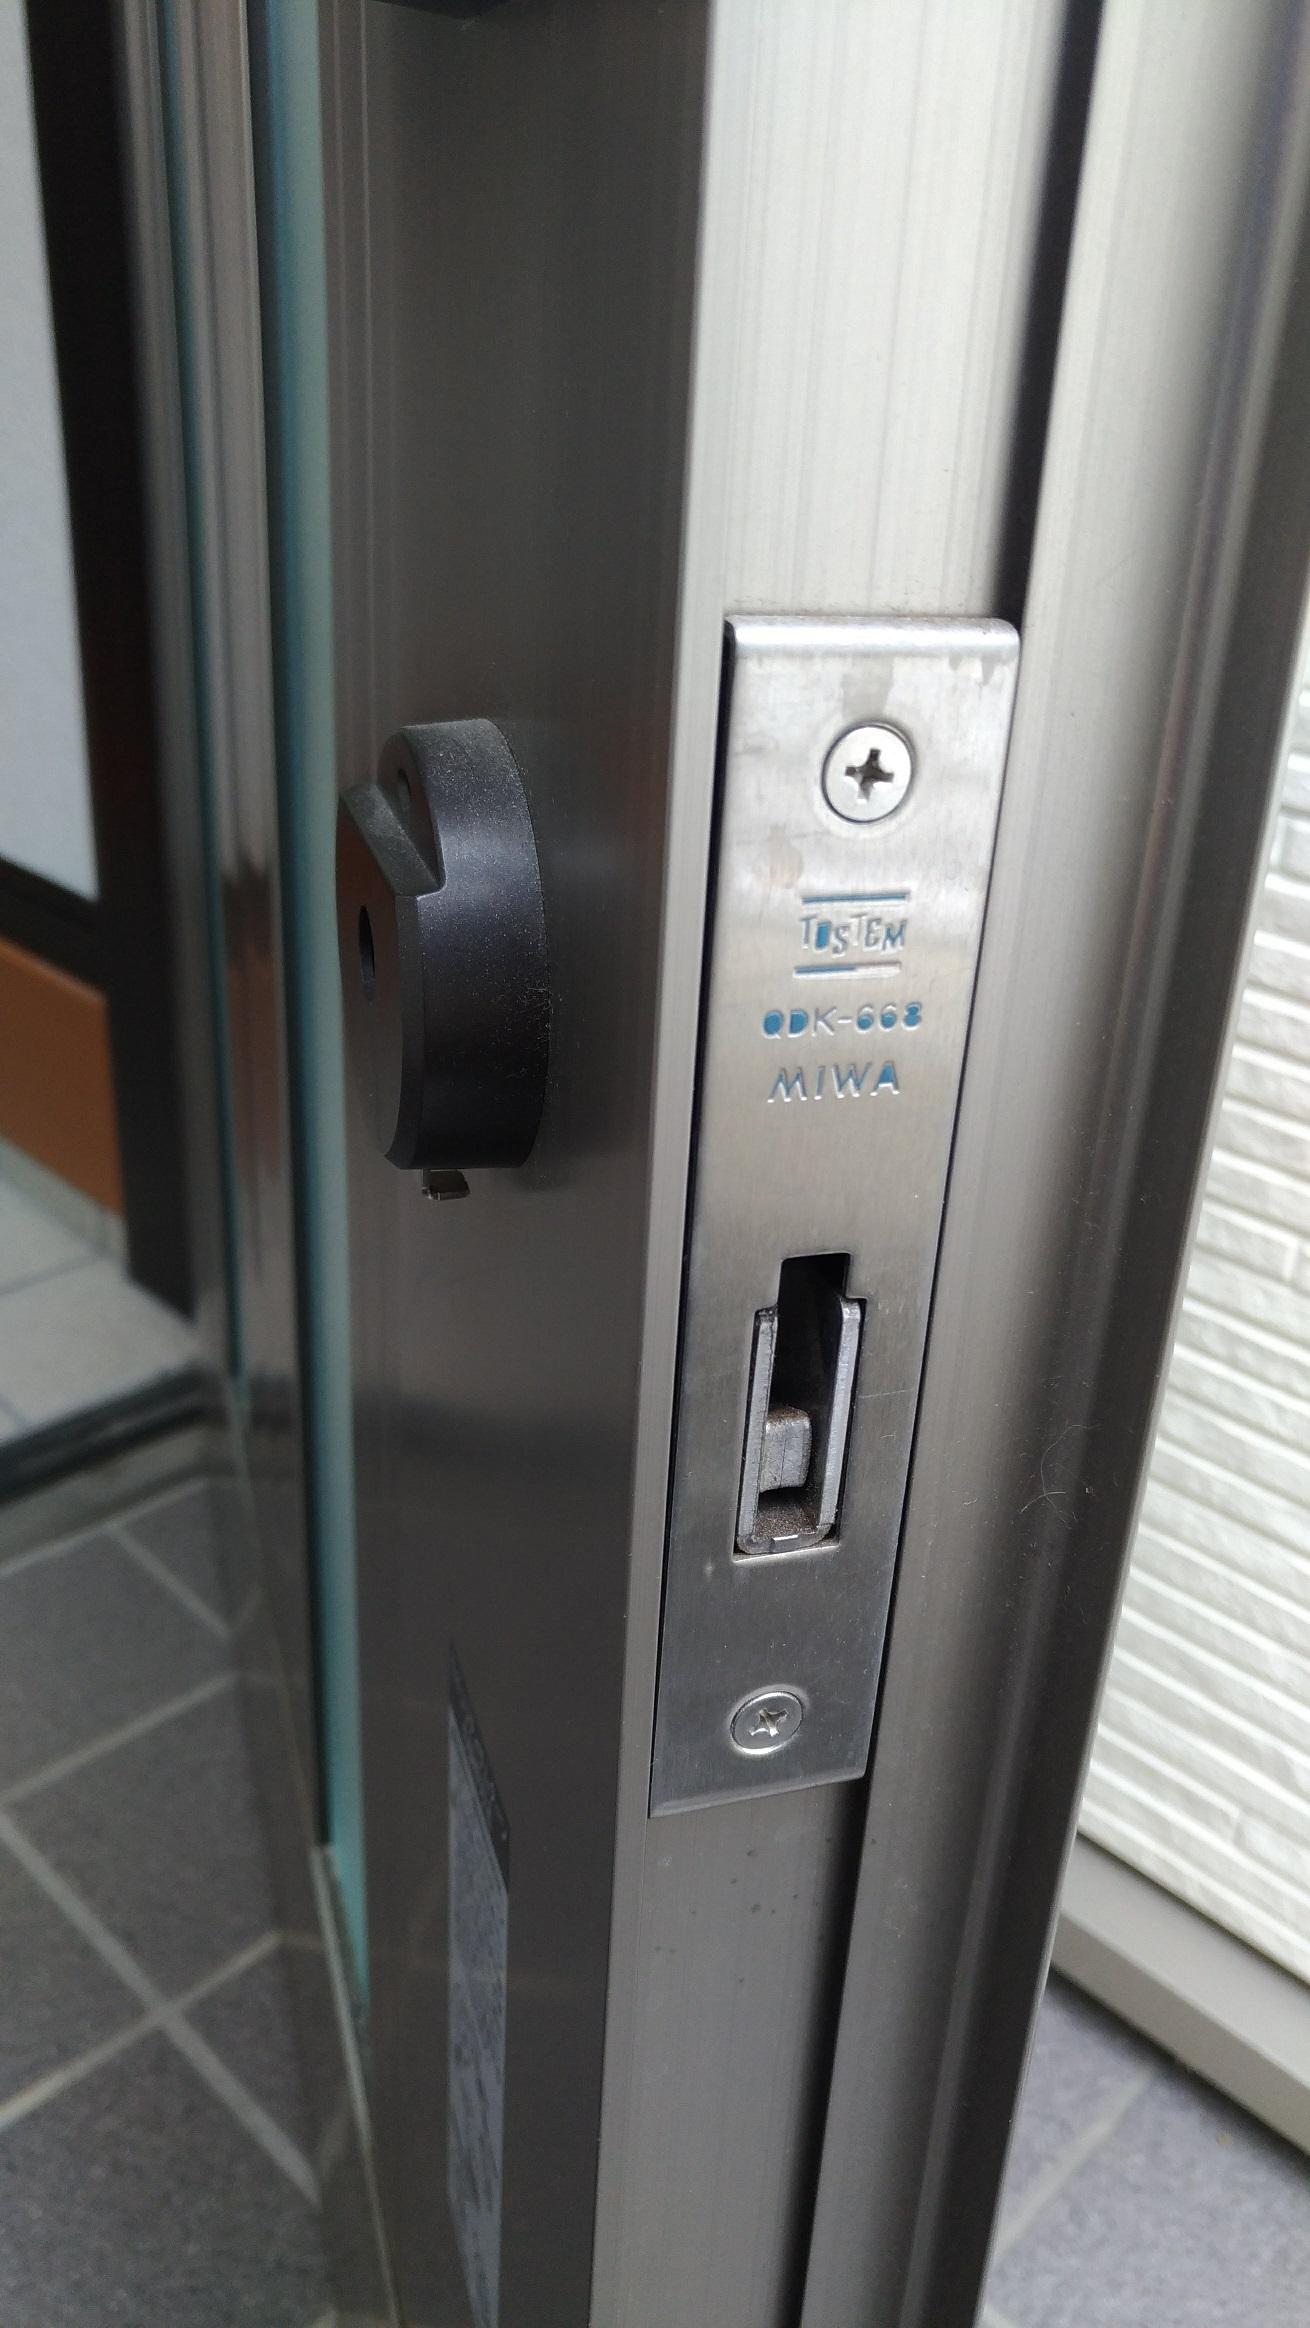 上部錠前(QDK-668)とプッシュプル空錠(QDK-751)